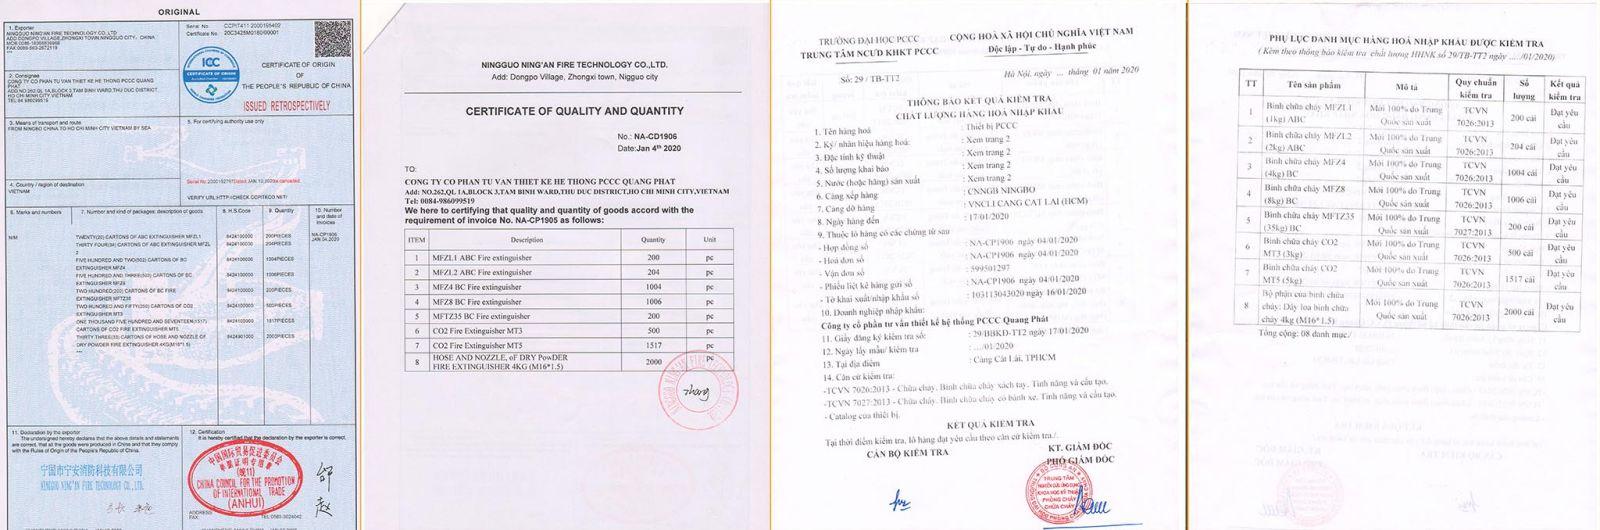 Chứng nhận xuất xứ, nhập khẩu và kiểm định của bình pccc bột ABC